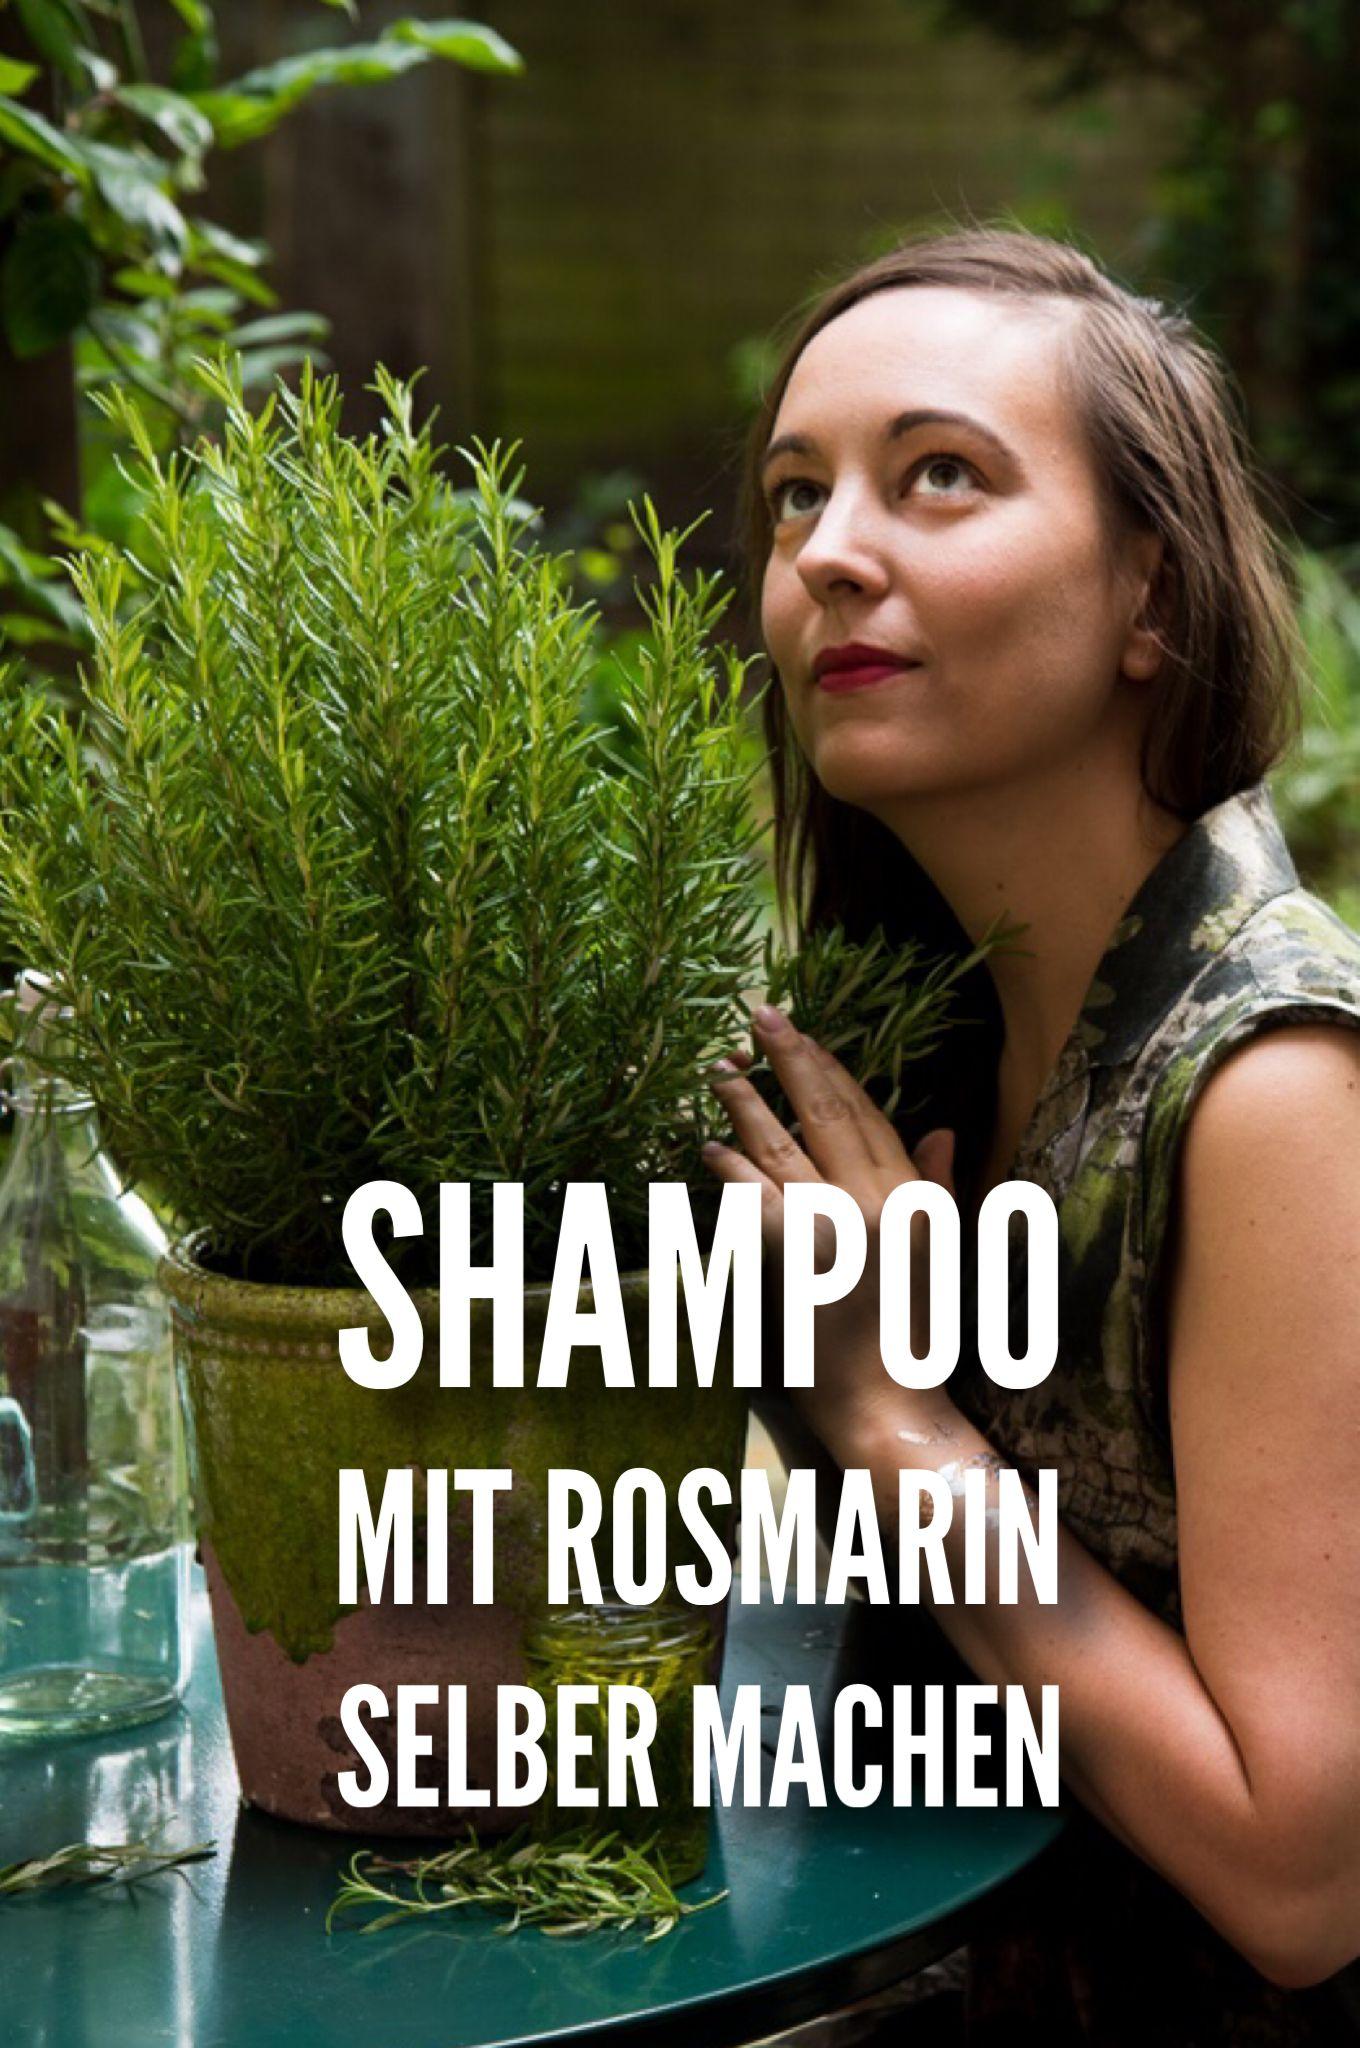 Shampoo mit Rosmarin Selbermachen